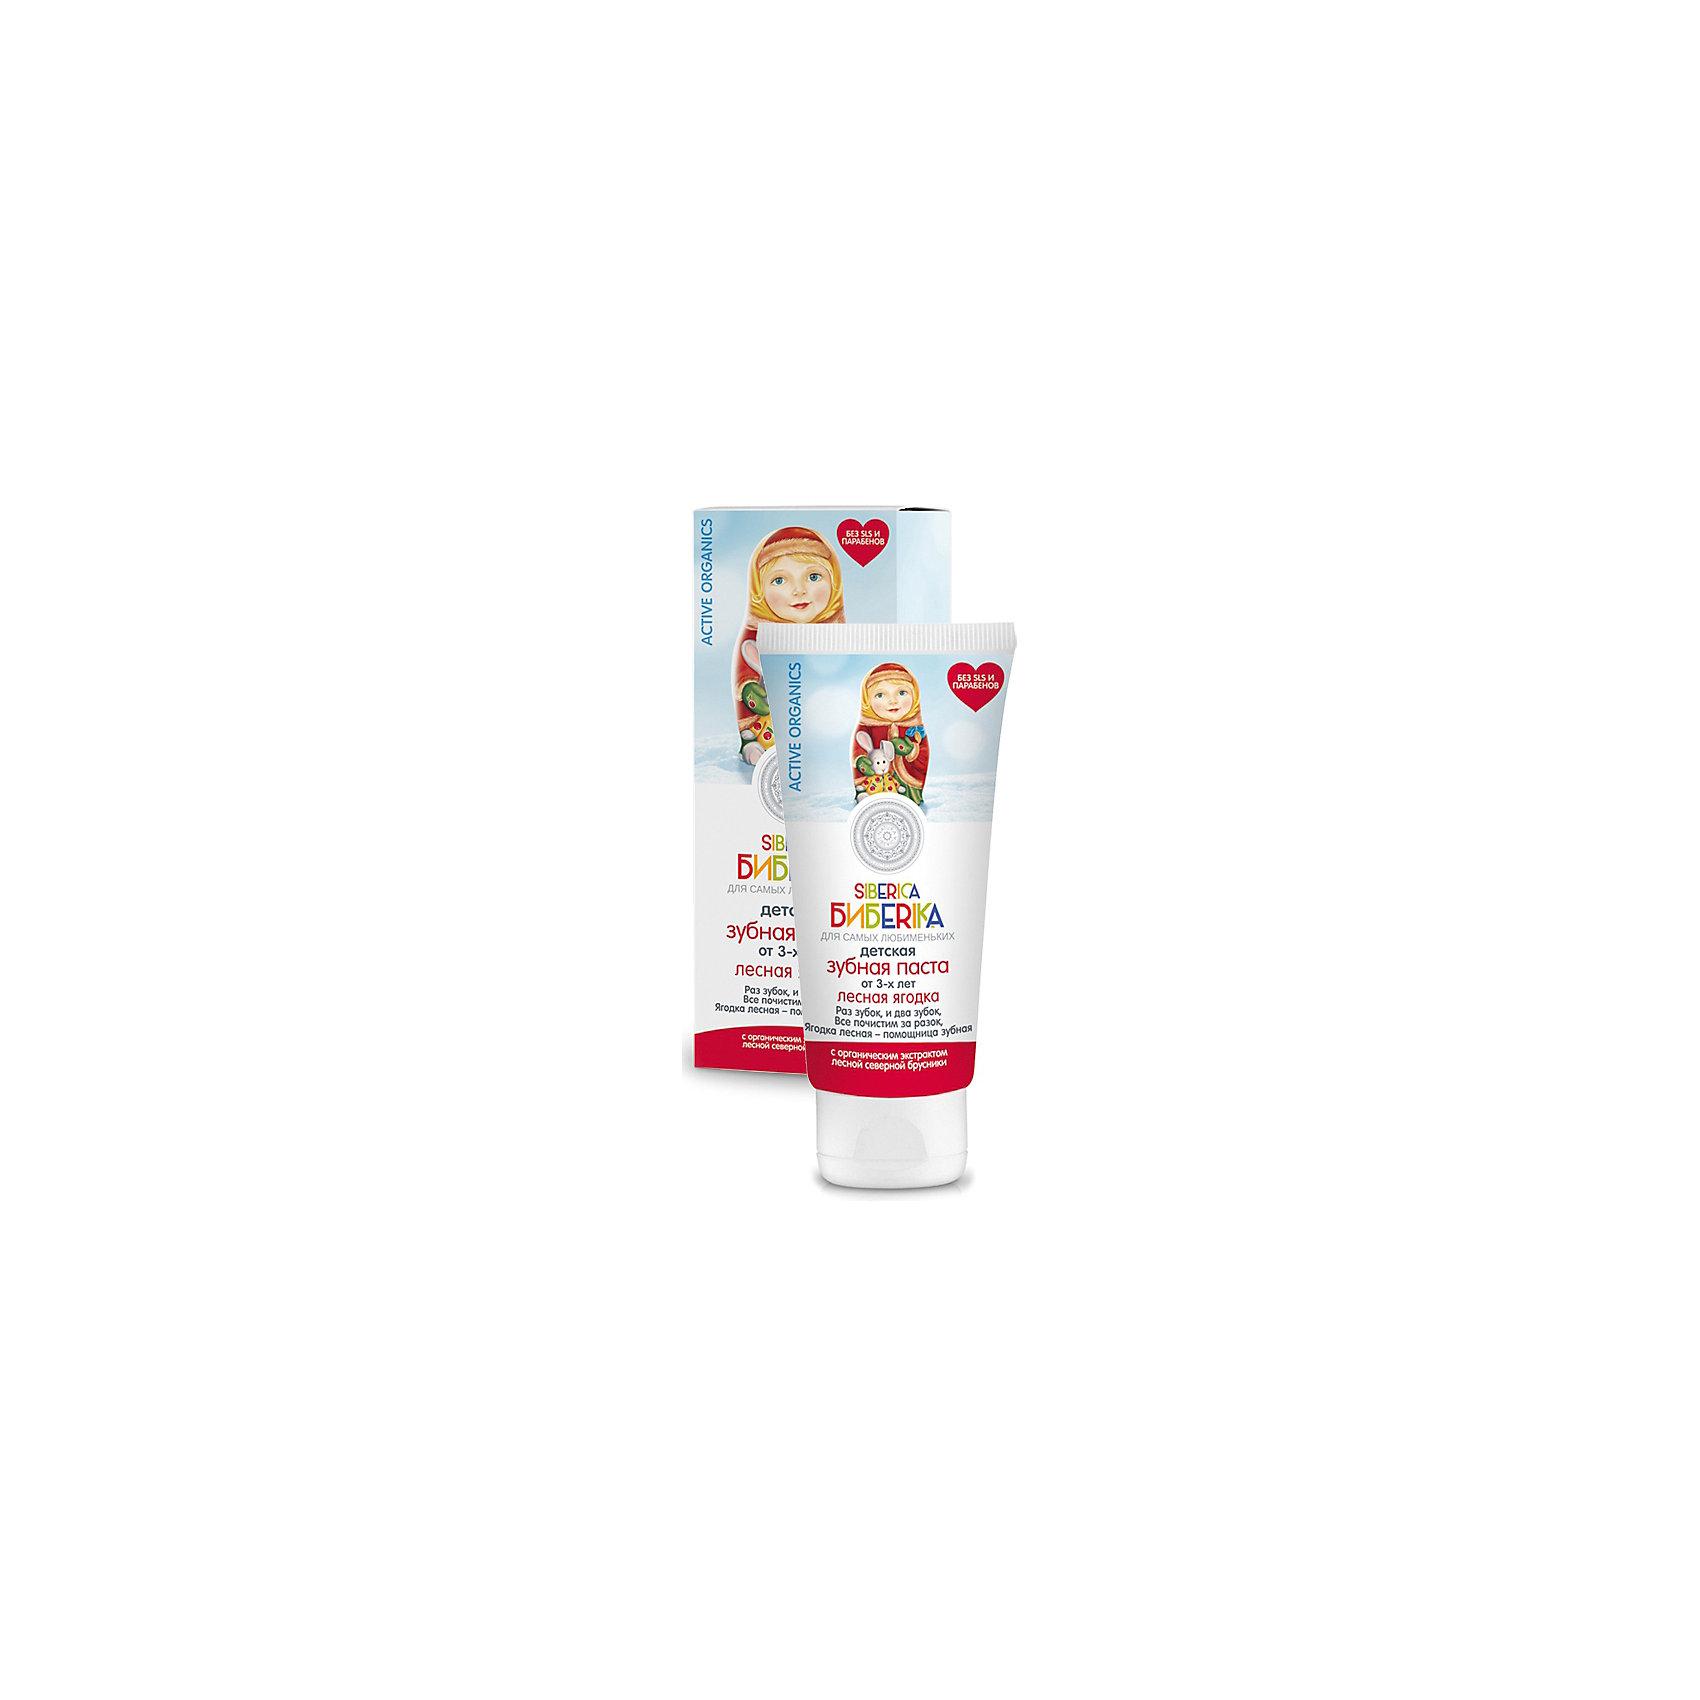 Паста зубная от 3-х лет Лесная ягодка, 50 мл, Siberica БибеrikaДетская зубная паста с приятным вкусом лесных ягод понравится Вашему малышу и поможет привить привычку регулярно чистить зубки. Благодаря специальной формуле она бережно очищает, не повреждая структуру эмали, эффективно предотвращая возникновение кариеса. Натуральные компоненты, входящие в состав пасты, не наносят вреда организму ребенка при случайном проглатывании. Органический экстракт лесной северной брусники обеспечивает надежную профилактику болезней полости рта. Органический экстракт клюквы оказывает противовоспалительное действие и укрепляет зубную эмаль. Органическое масло морошки является источником витаминов и микроэлементов предупреждает развитие кариеса и образование зубного камня.<br><br>Ширина мм: 57<br>Глубина мм: 37<br>Высота мм: 145<br>Вес г: 84<br>Возраст от месяцев: -2147483648<br>Возраст до месяцев: 2147483647<br>Пол: Унисекс<br>Возраст: Детский<br>SKU: 4796714